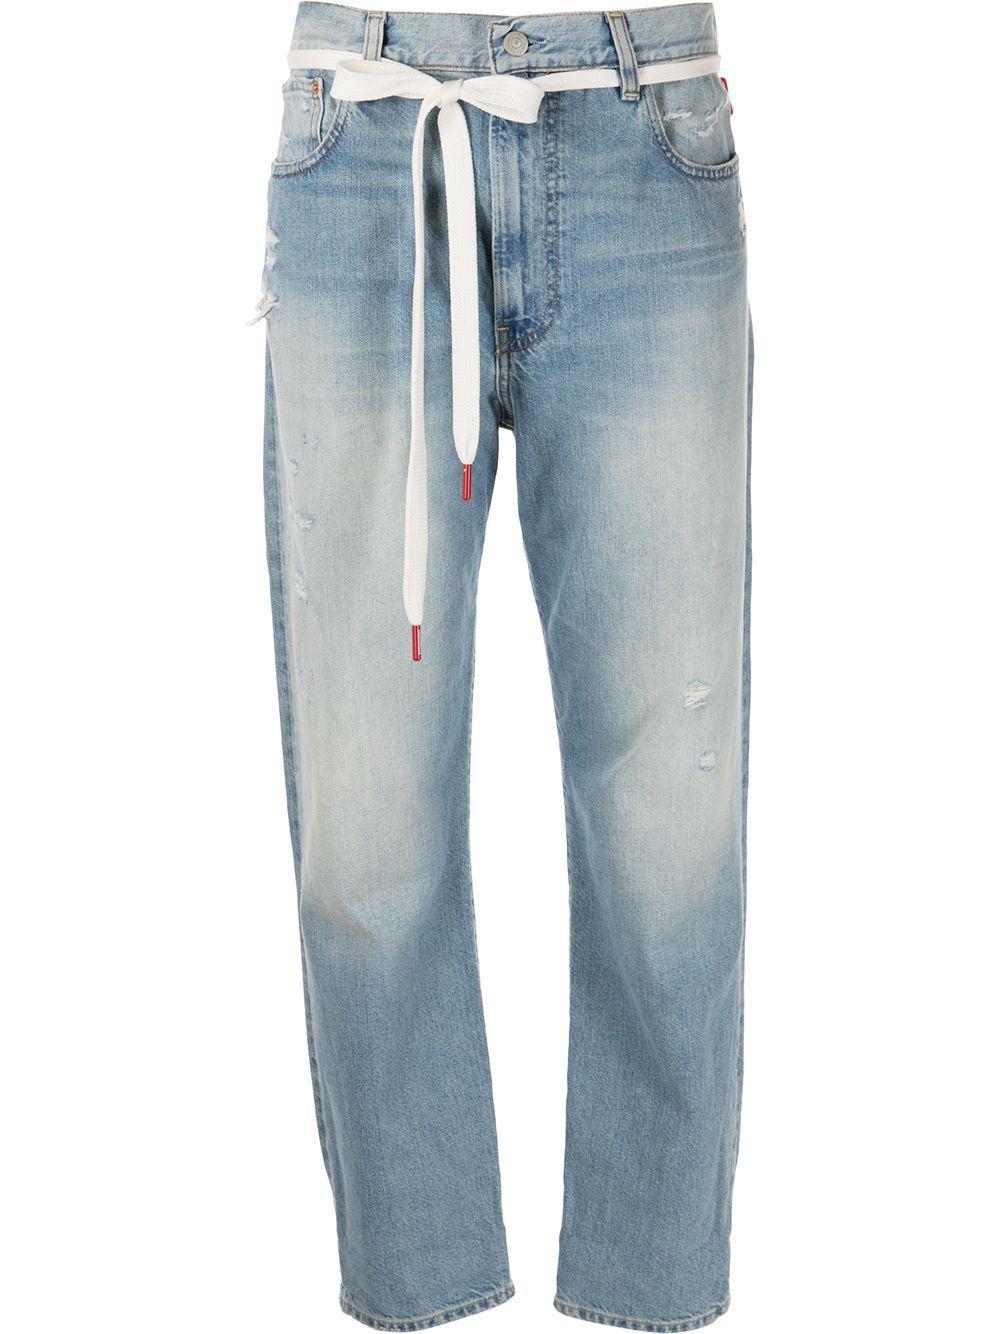 Harper Shoelace Belt Jean Item # DSW2400-200A